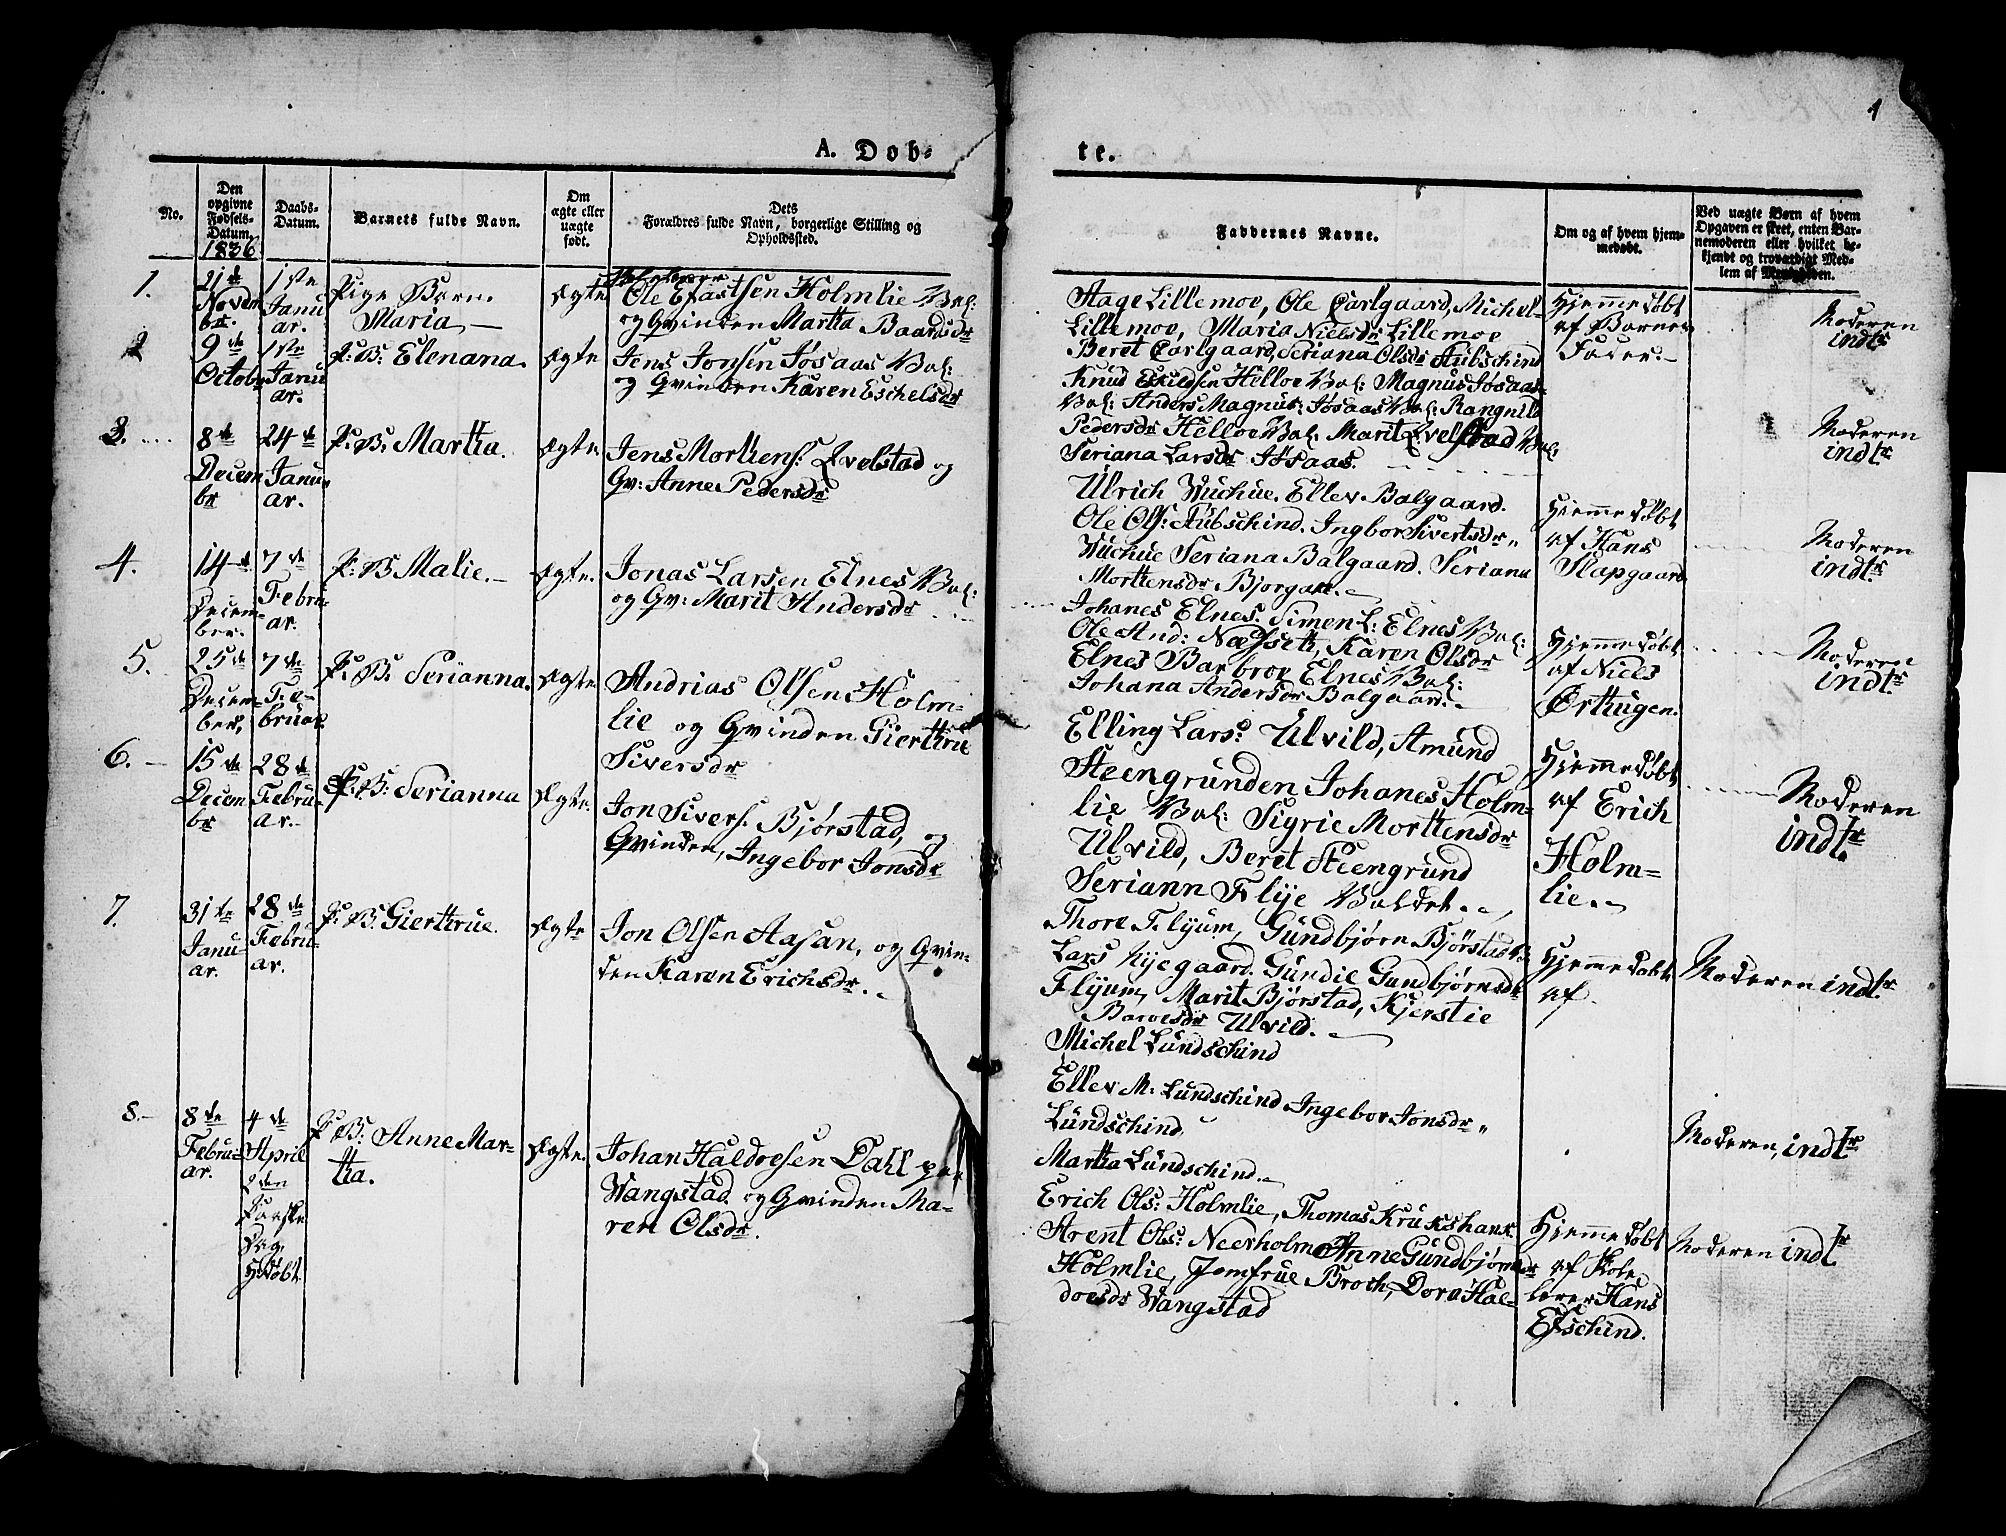 SAT, Ministerialprotokoller, klokkerbøker og fødselsregistre - Nord-Trøndelag, 724/L0266: Klokkerbok nr. 724C02, 1836-1843, s. 1